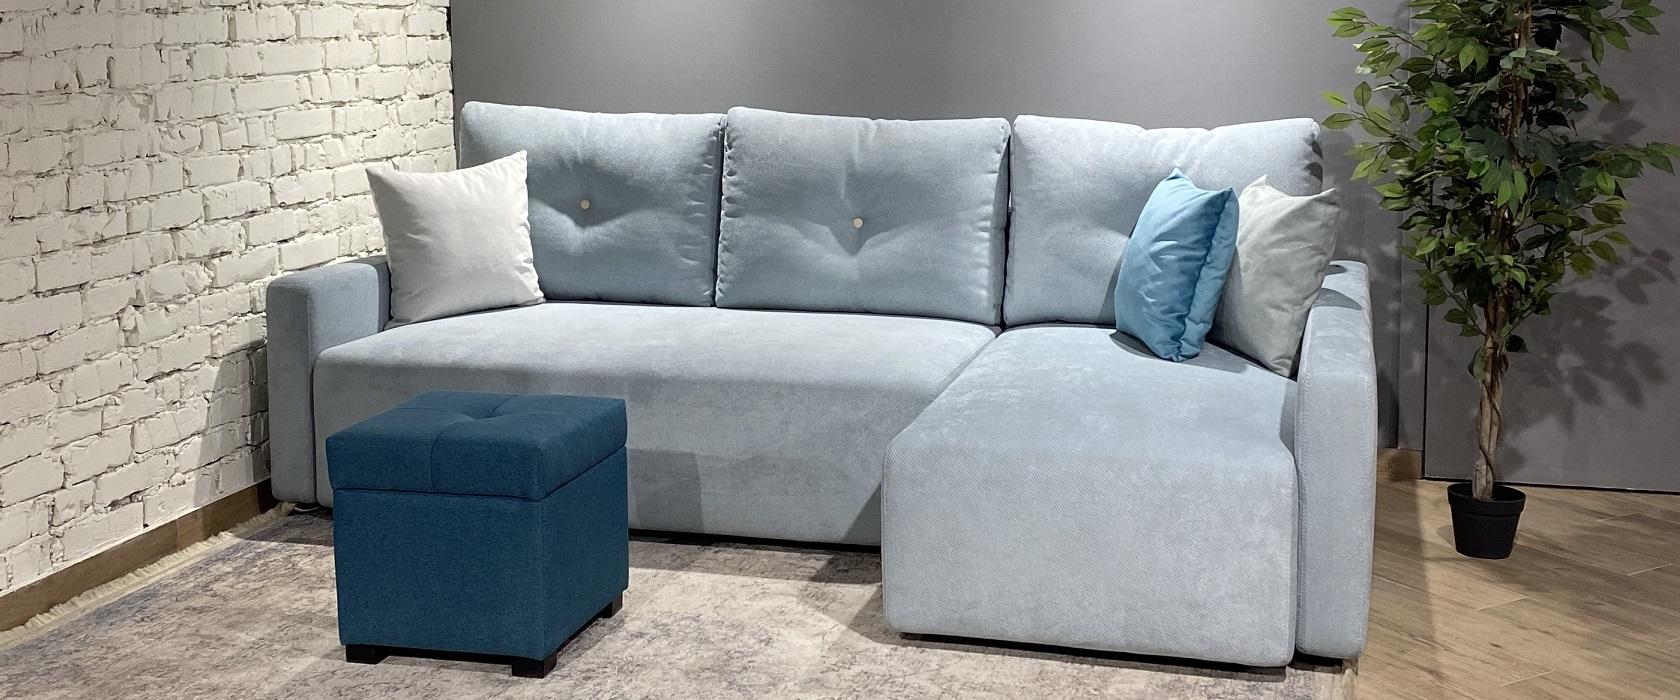 Угловой диван Adriano - Фото 2 - Pufetto